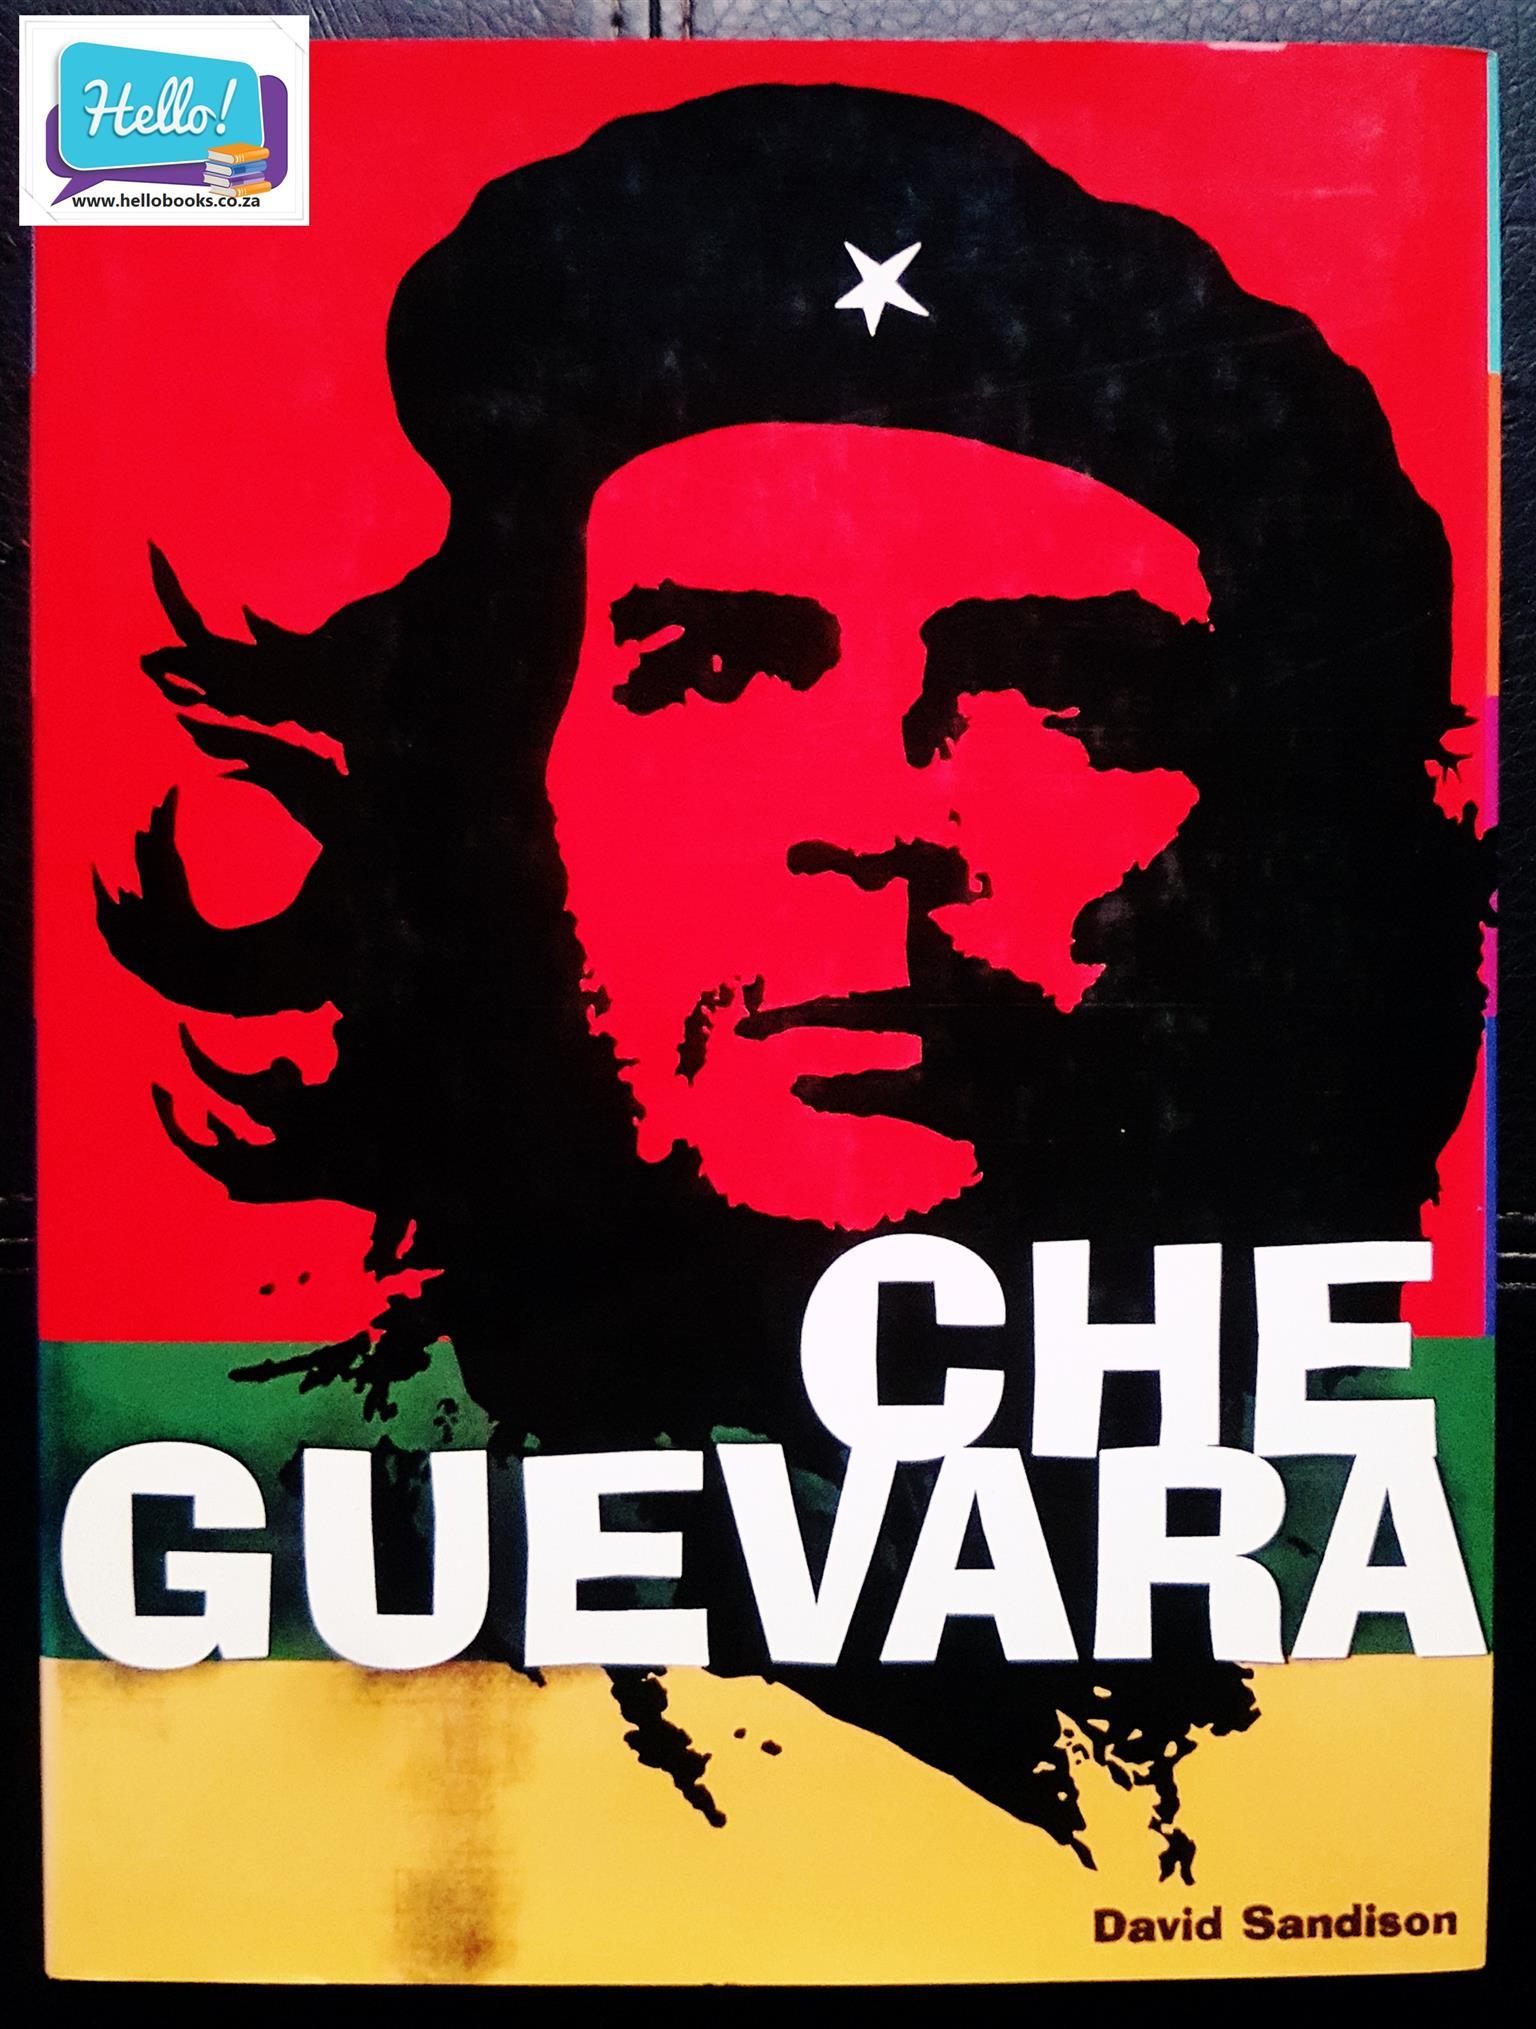 David Sanderson Che Guevara